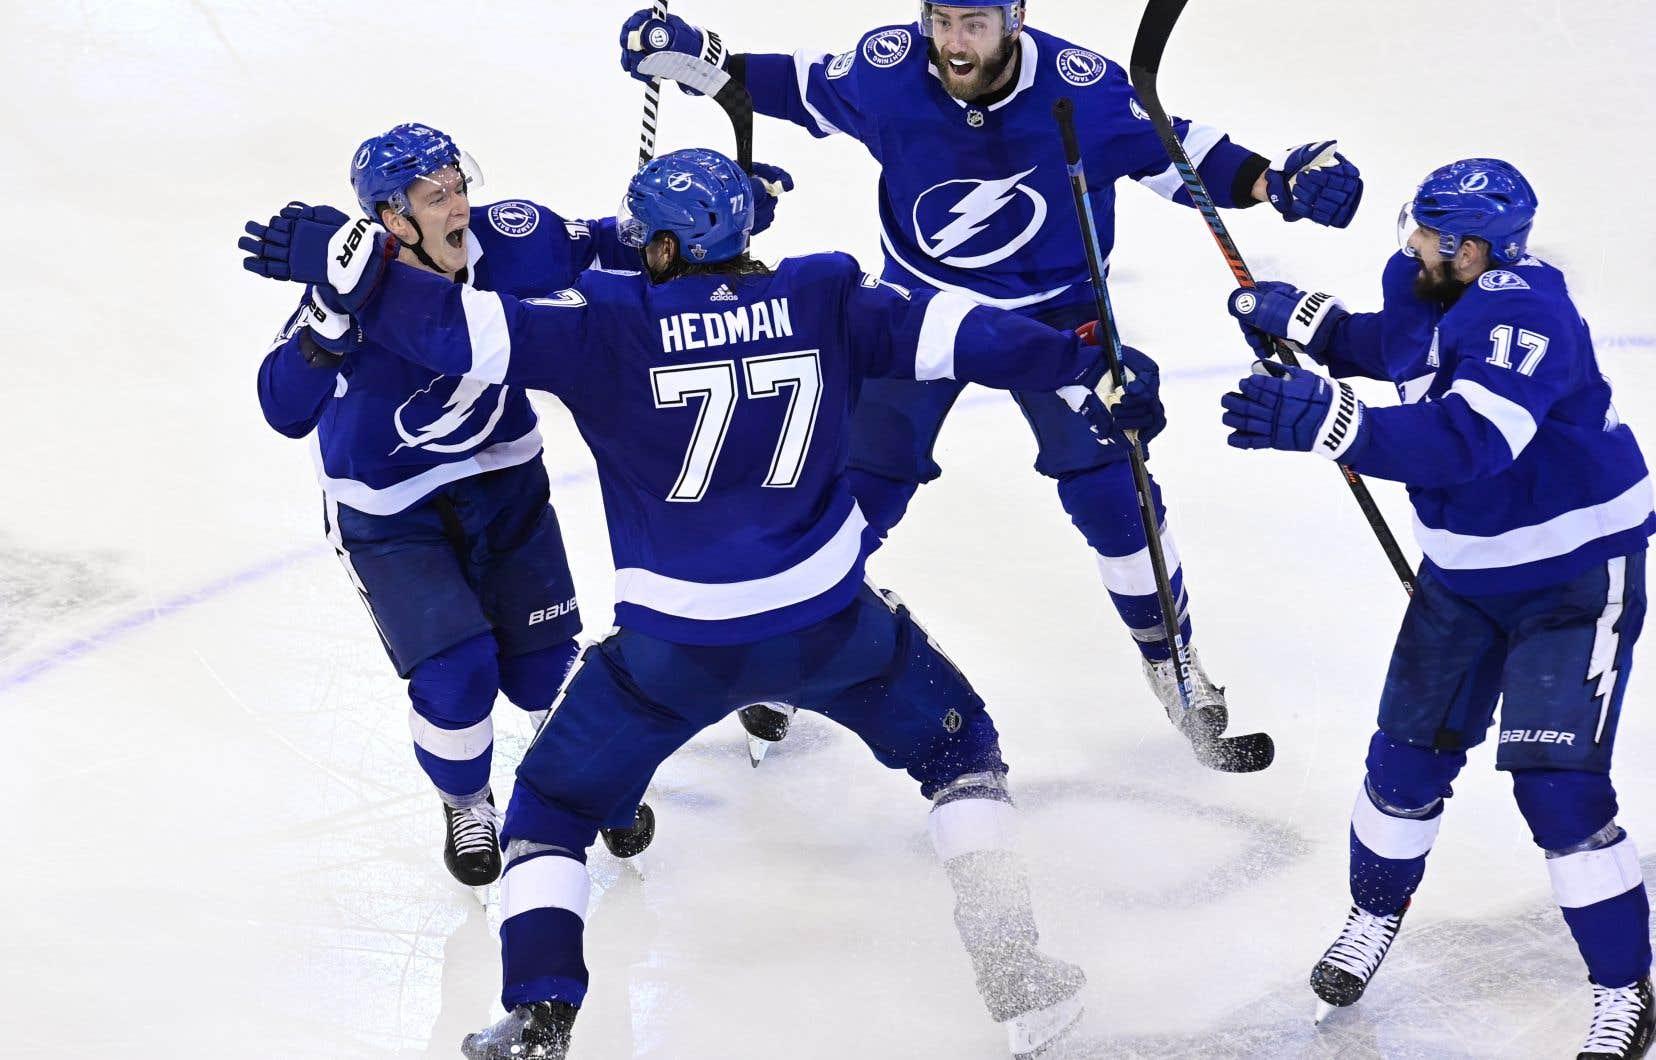 Le Lightning de Tampa Bay a défait les Bruins de Boston 3-2 lundi soir grâce à un but de Victor Hedman en deuxième prolongation.